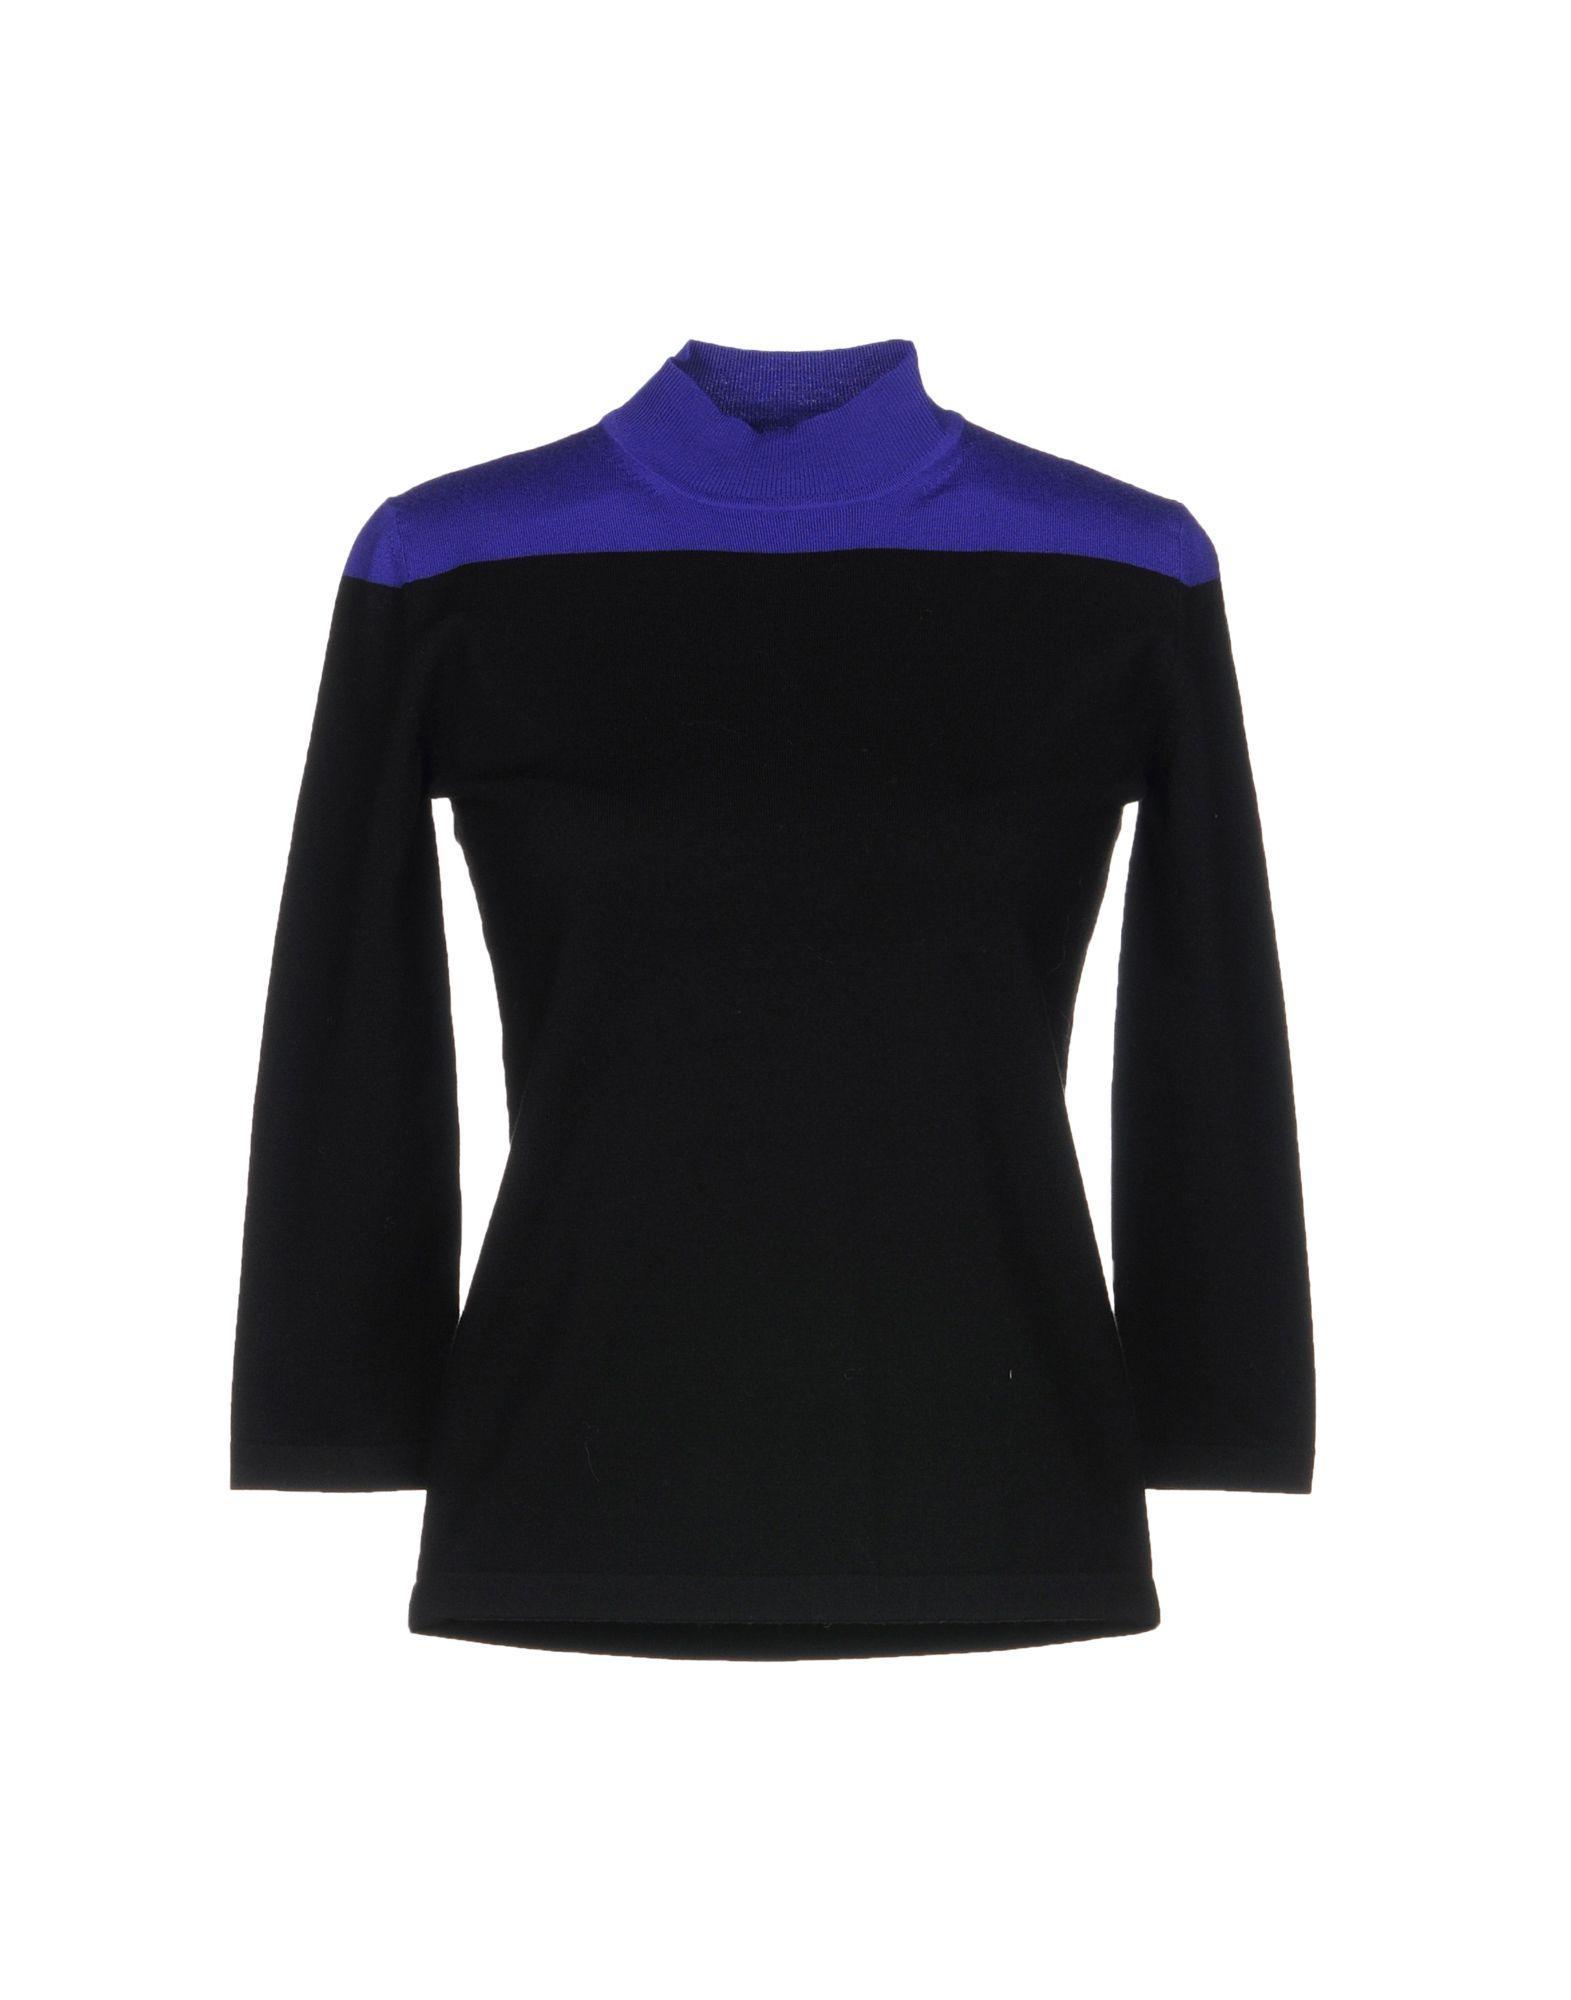 Jil Sander Sweaters In Black